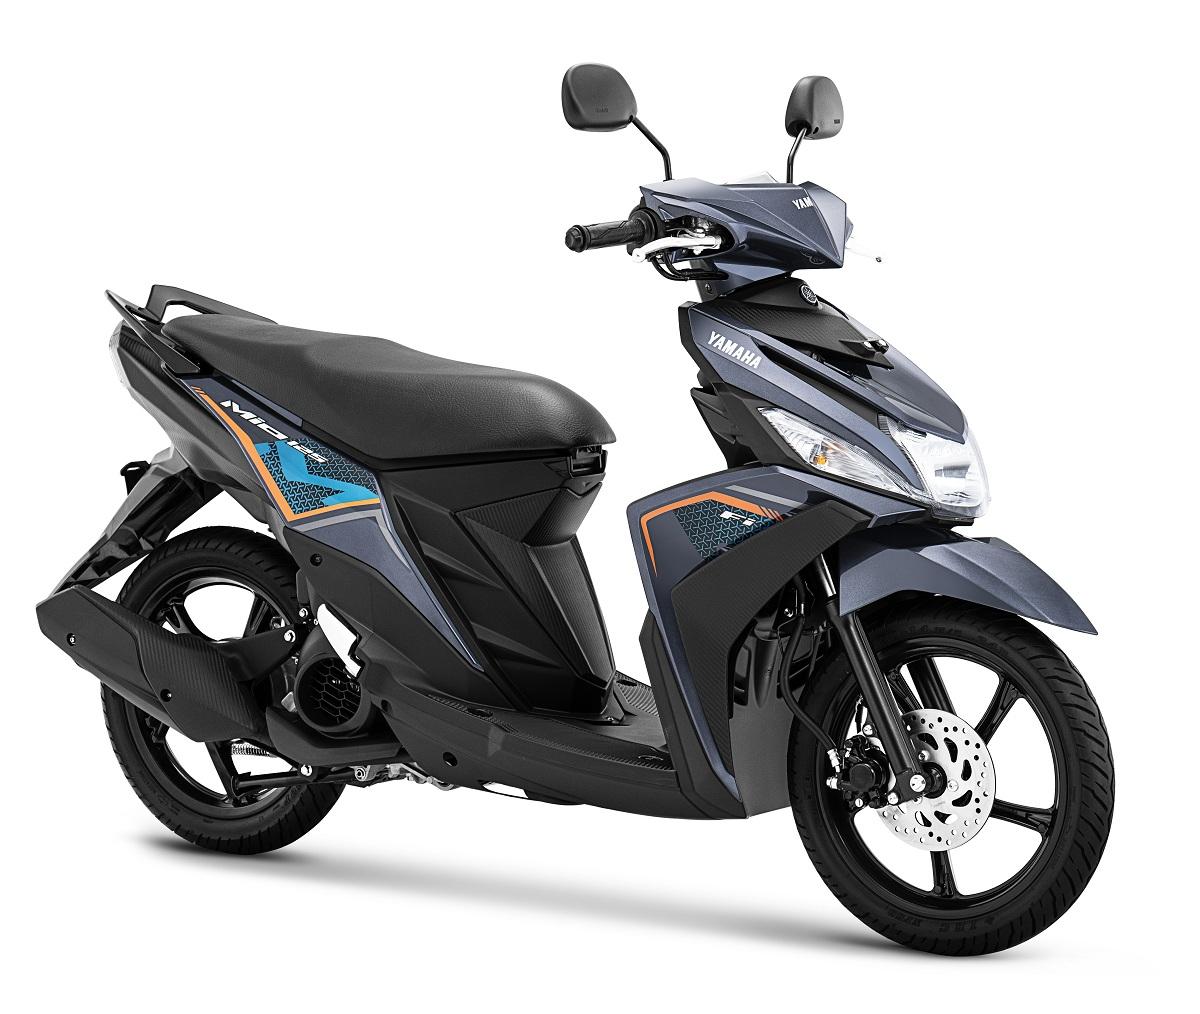 Yamaha Mio M3 Tampil dengan Warna Baru, Makin Modern dan Elegan